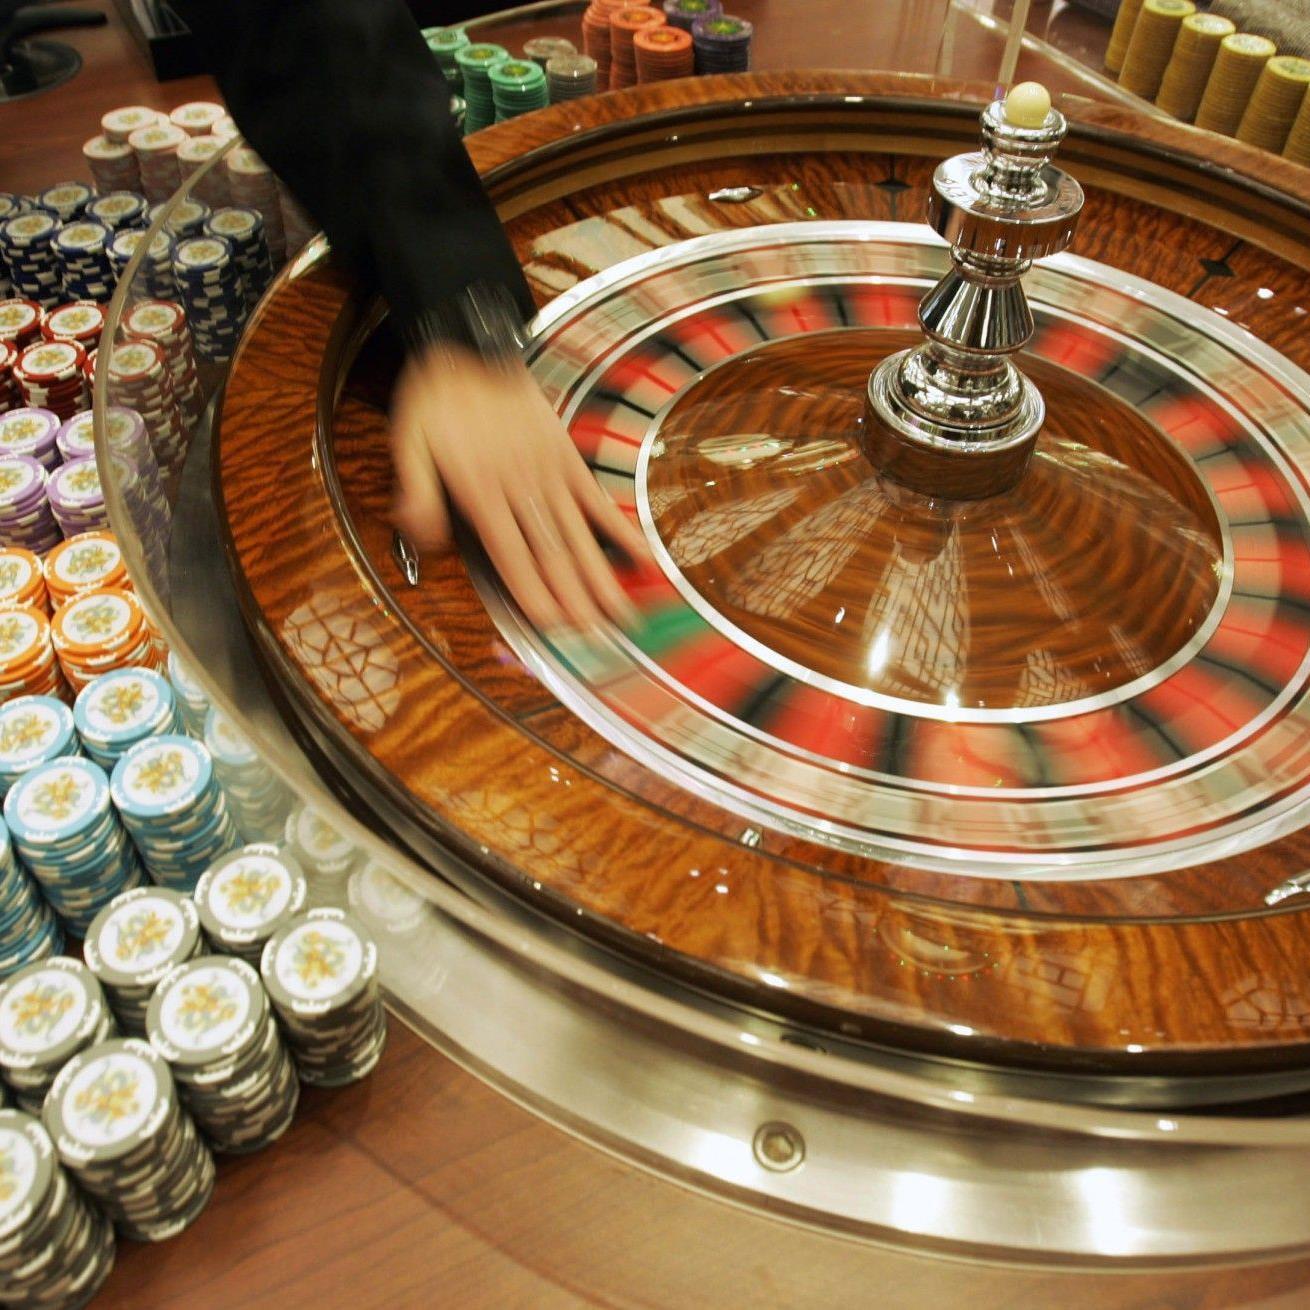 Bis zum 31. Dezember sollten die Betreiber von privaten Pokersalons um eine Konzession ansuchen.